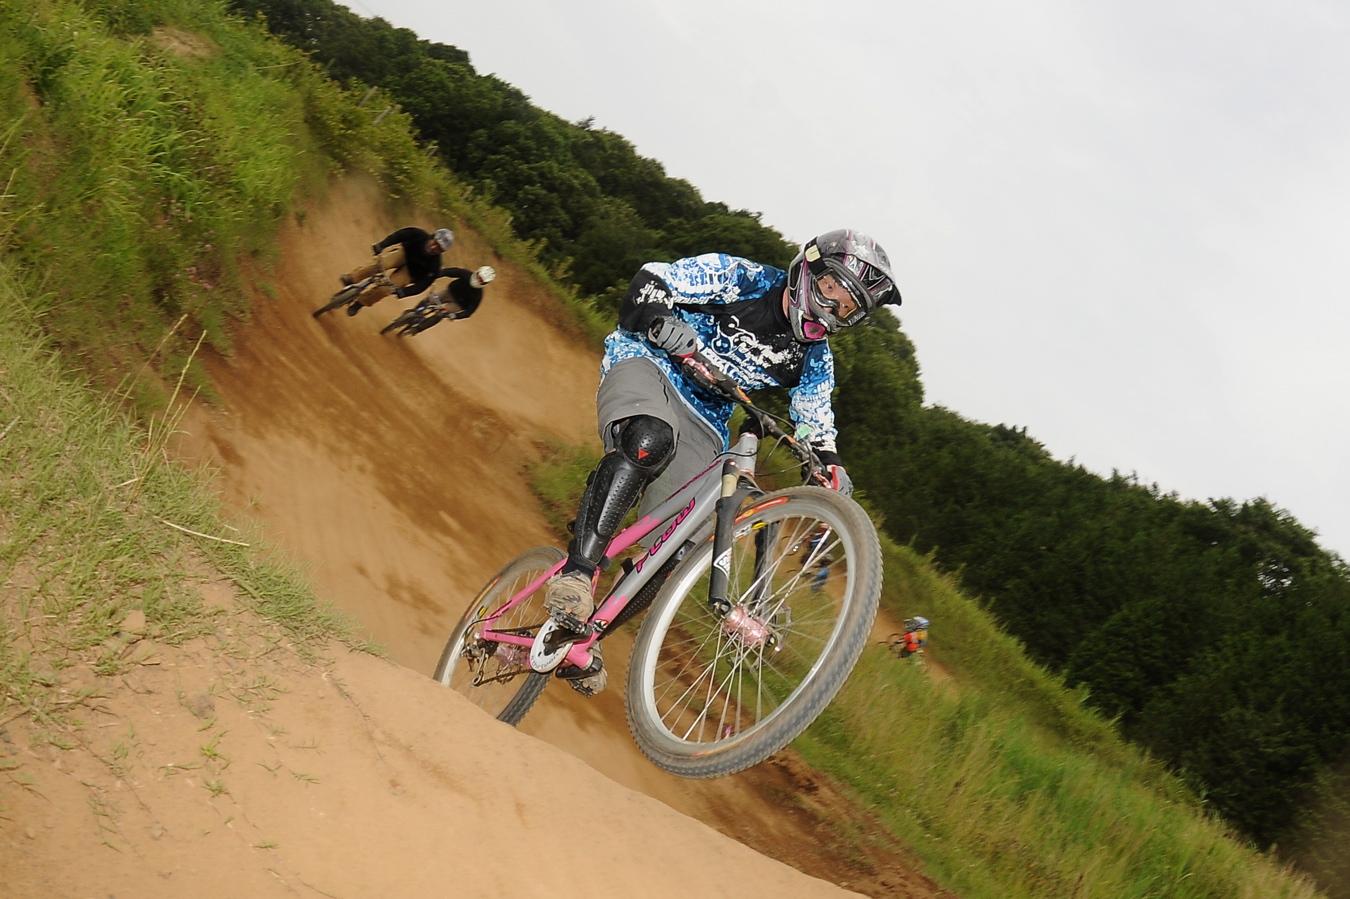 2009 7月緑山コース開放日 VOL2_b0065730_22210100.jpg